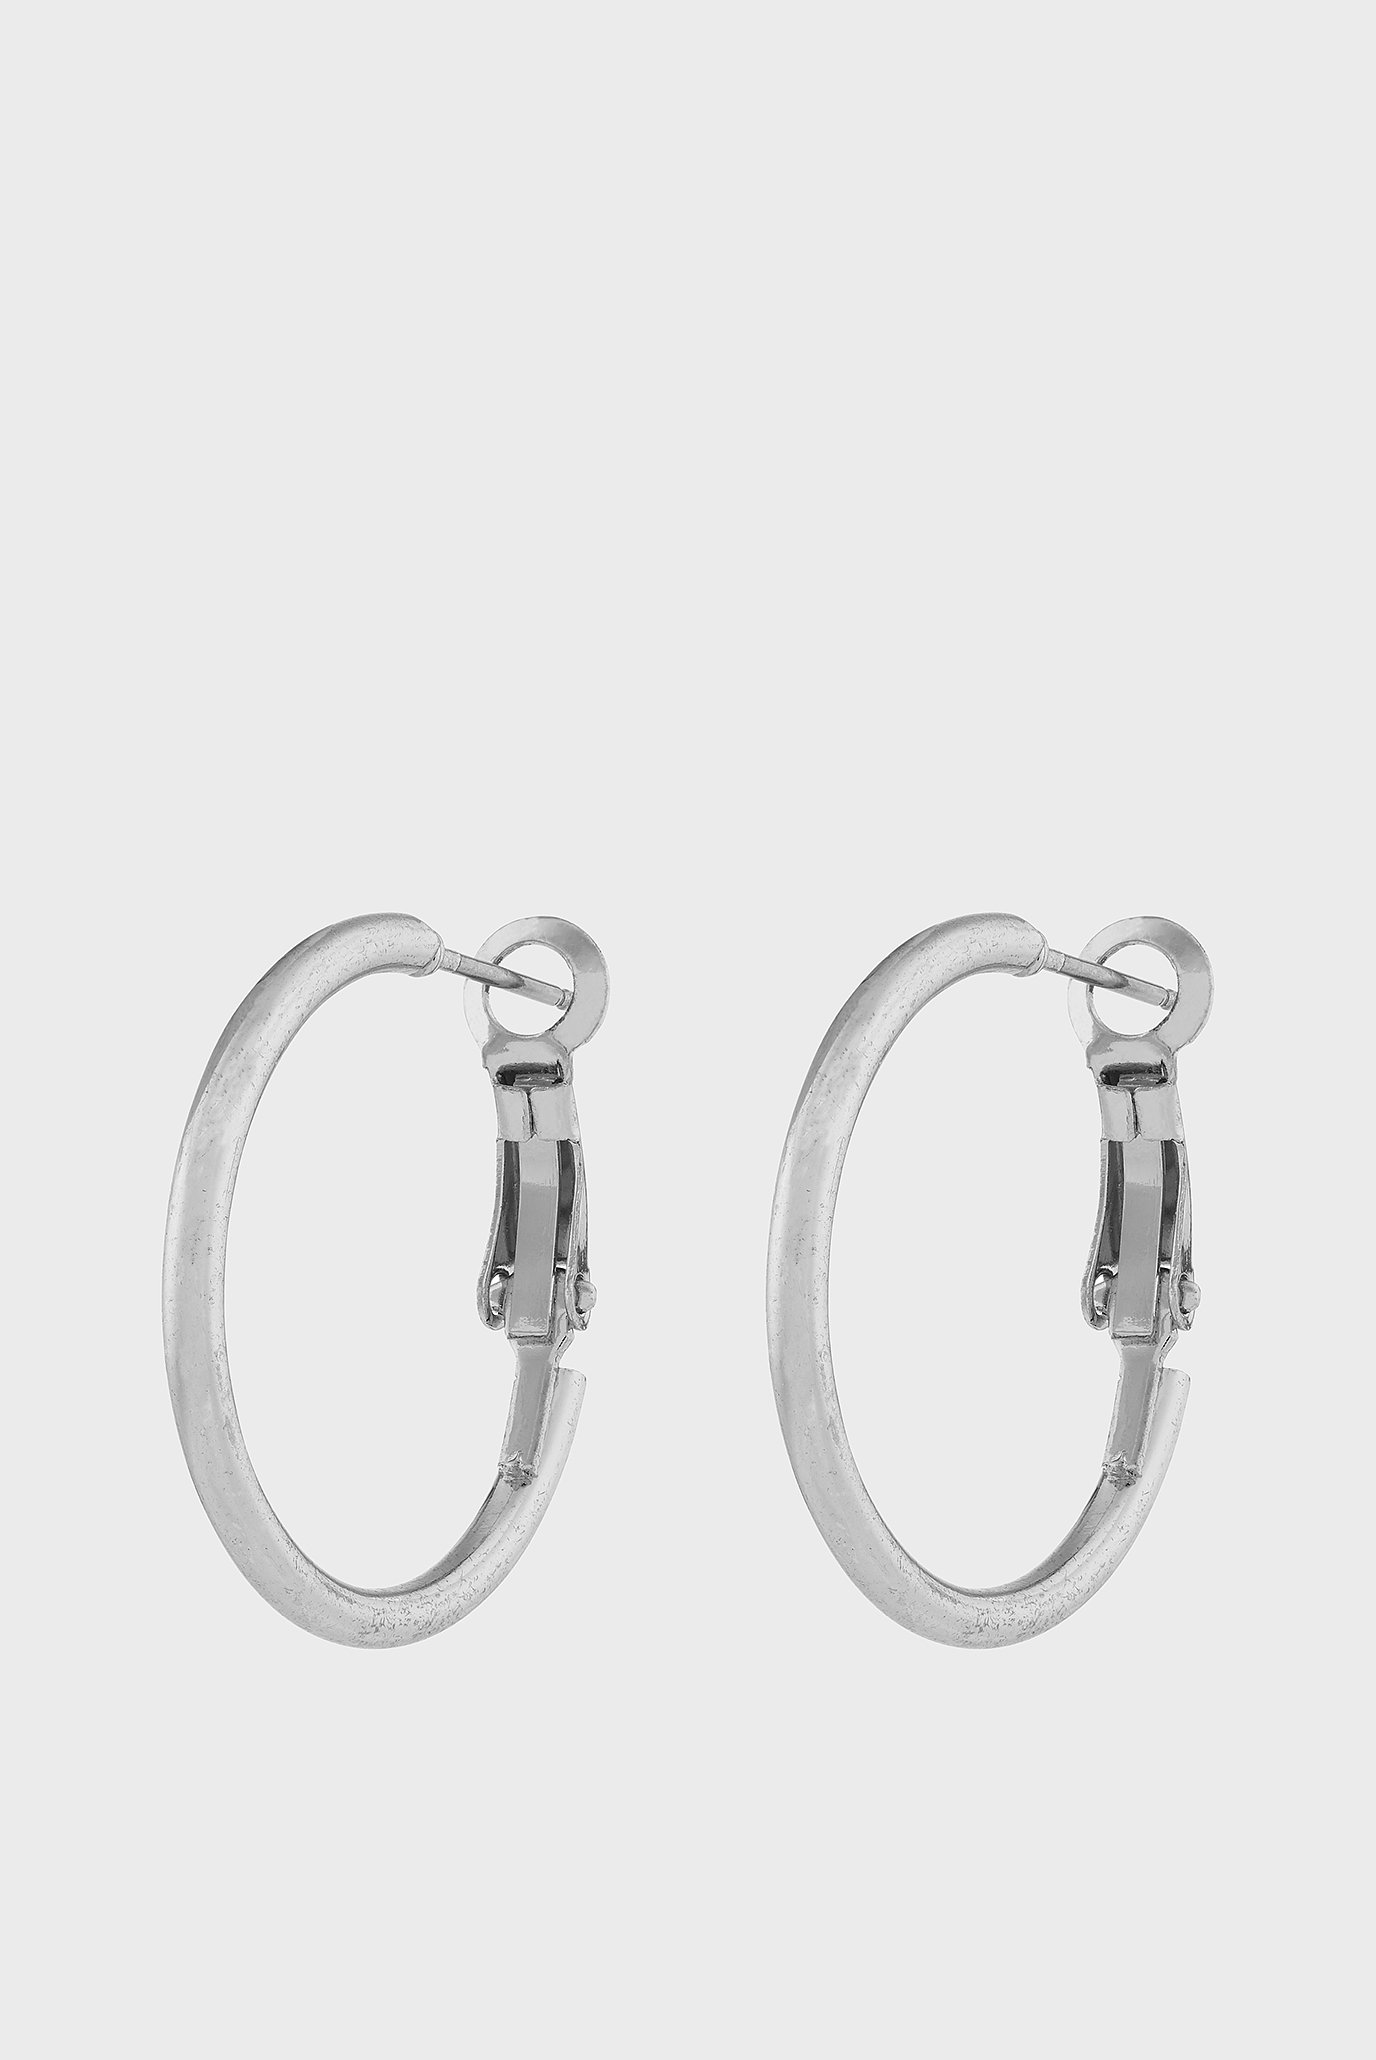 Купить Женские серебристые серьги SMALL SIMPLE HOOP Accessorize Accessorize 381807 – Киев, Украина. Цены в интернет магазине MD Fashion